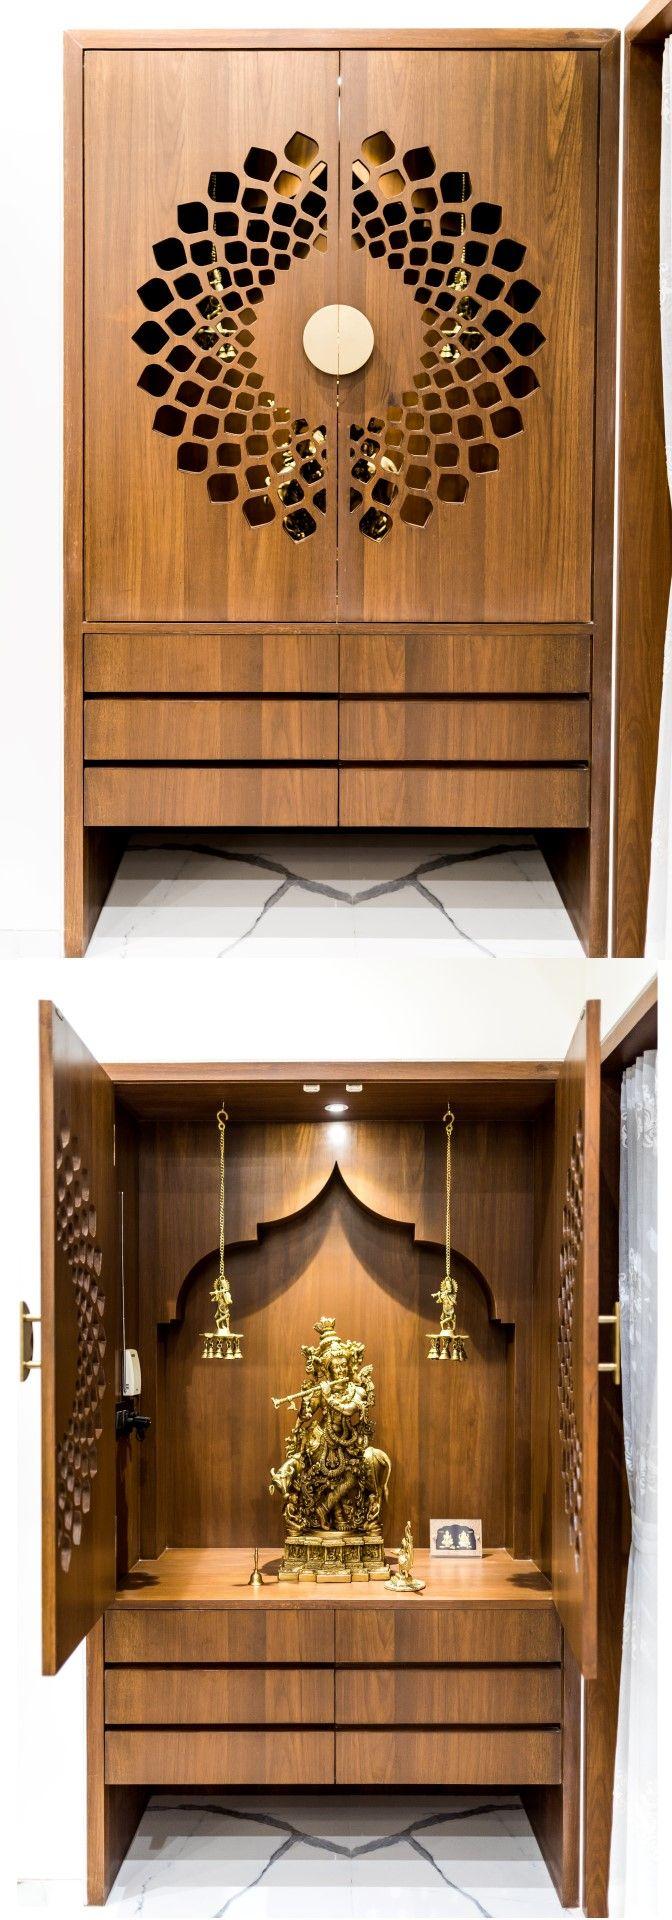 Plywood Pooja Mandir Designs For Home Valoblogicom